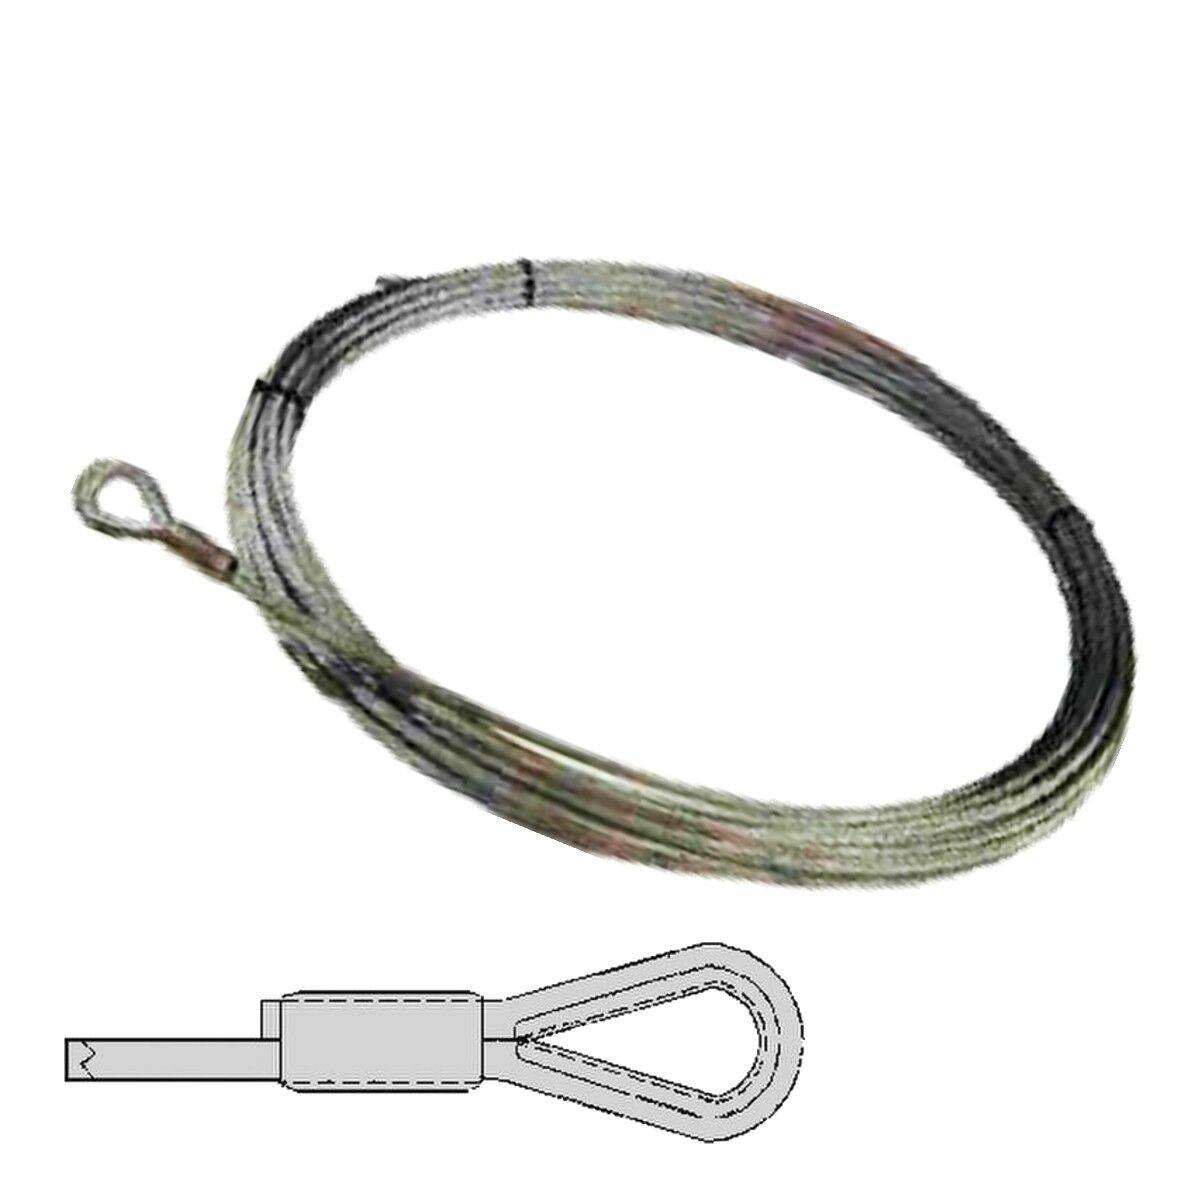 Seilbahn Seil 19x7, 41m Länge Zubehör mit Kautsche